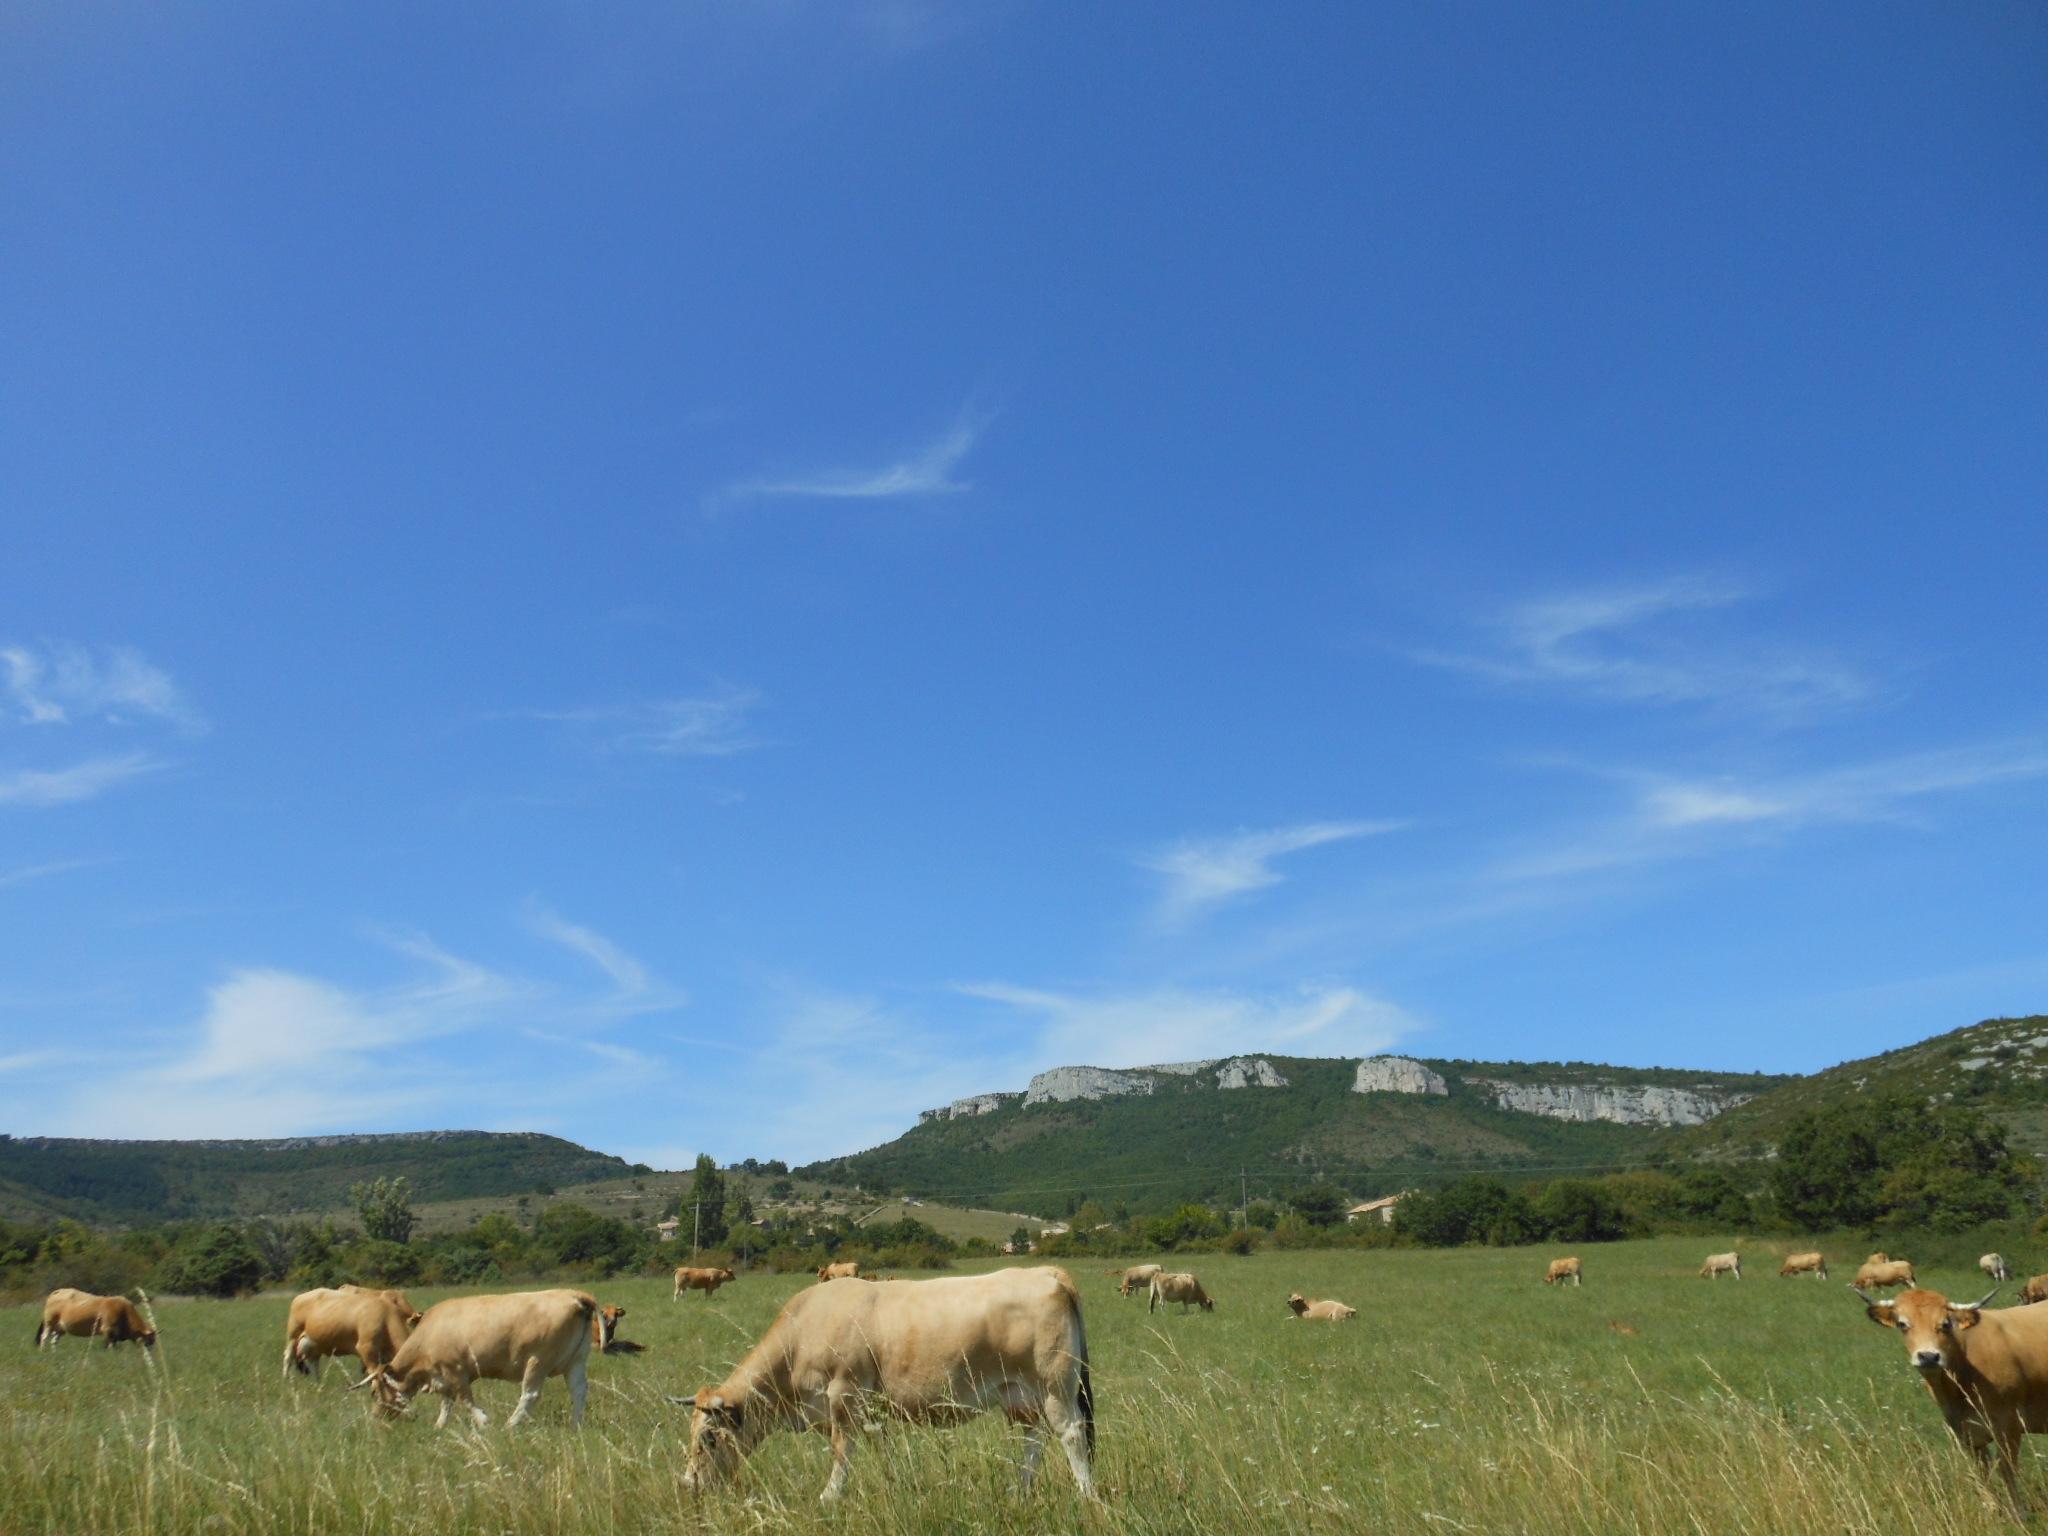 Vache de race Aubrac au pied de la Dent de Retz en Ardèche